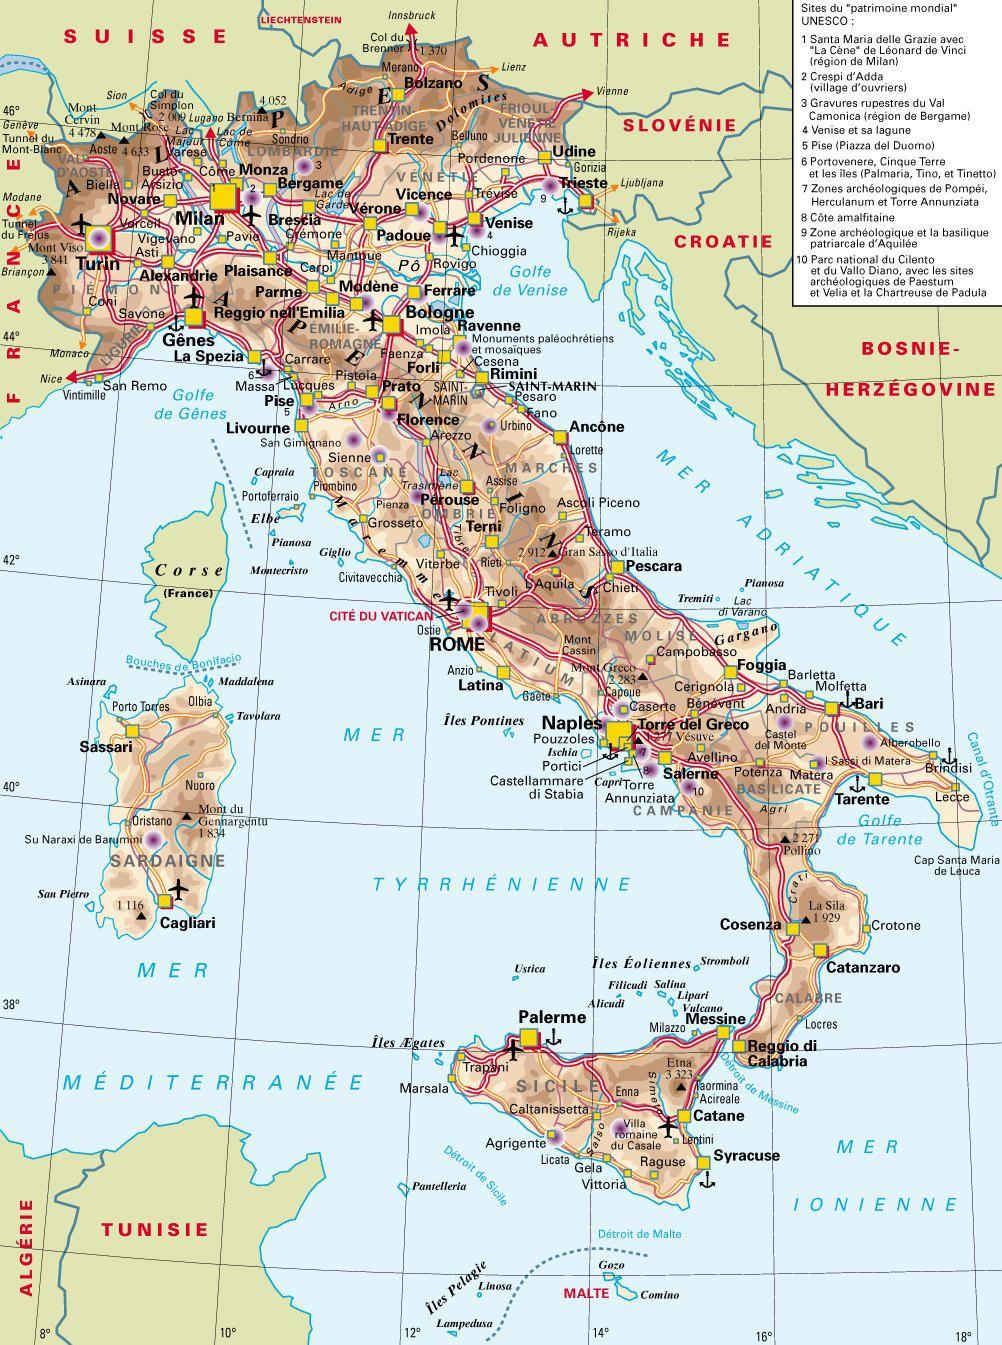 Carte Italie France.Carte De L Italie Cartes Sur Le Relief Villes Nord Iles